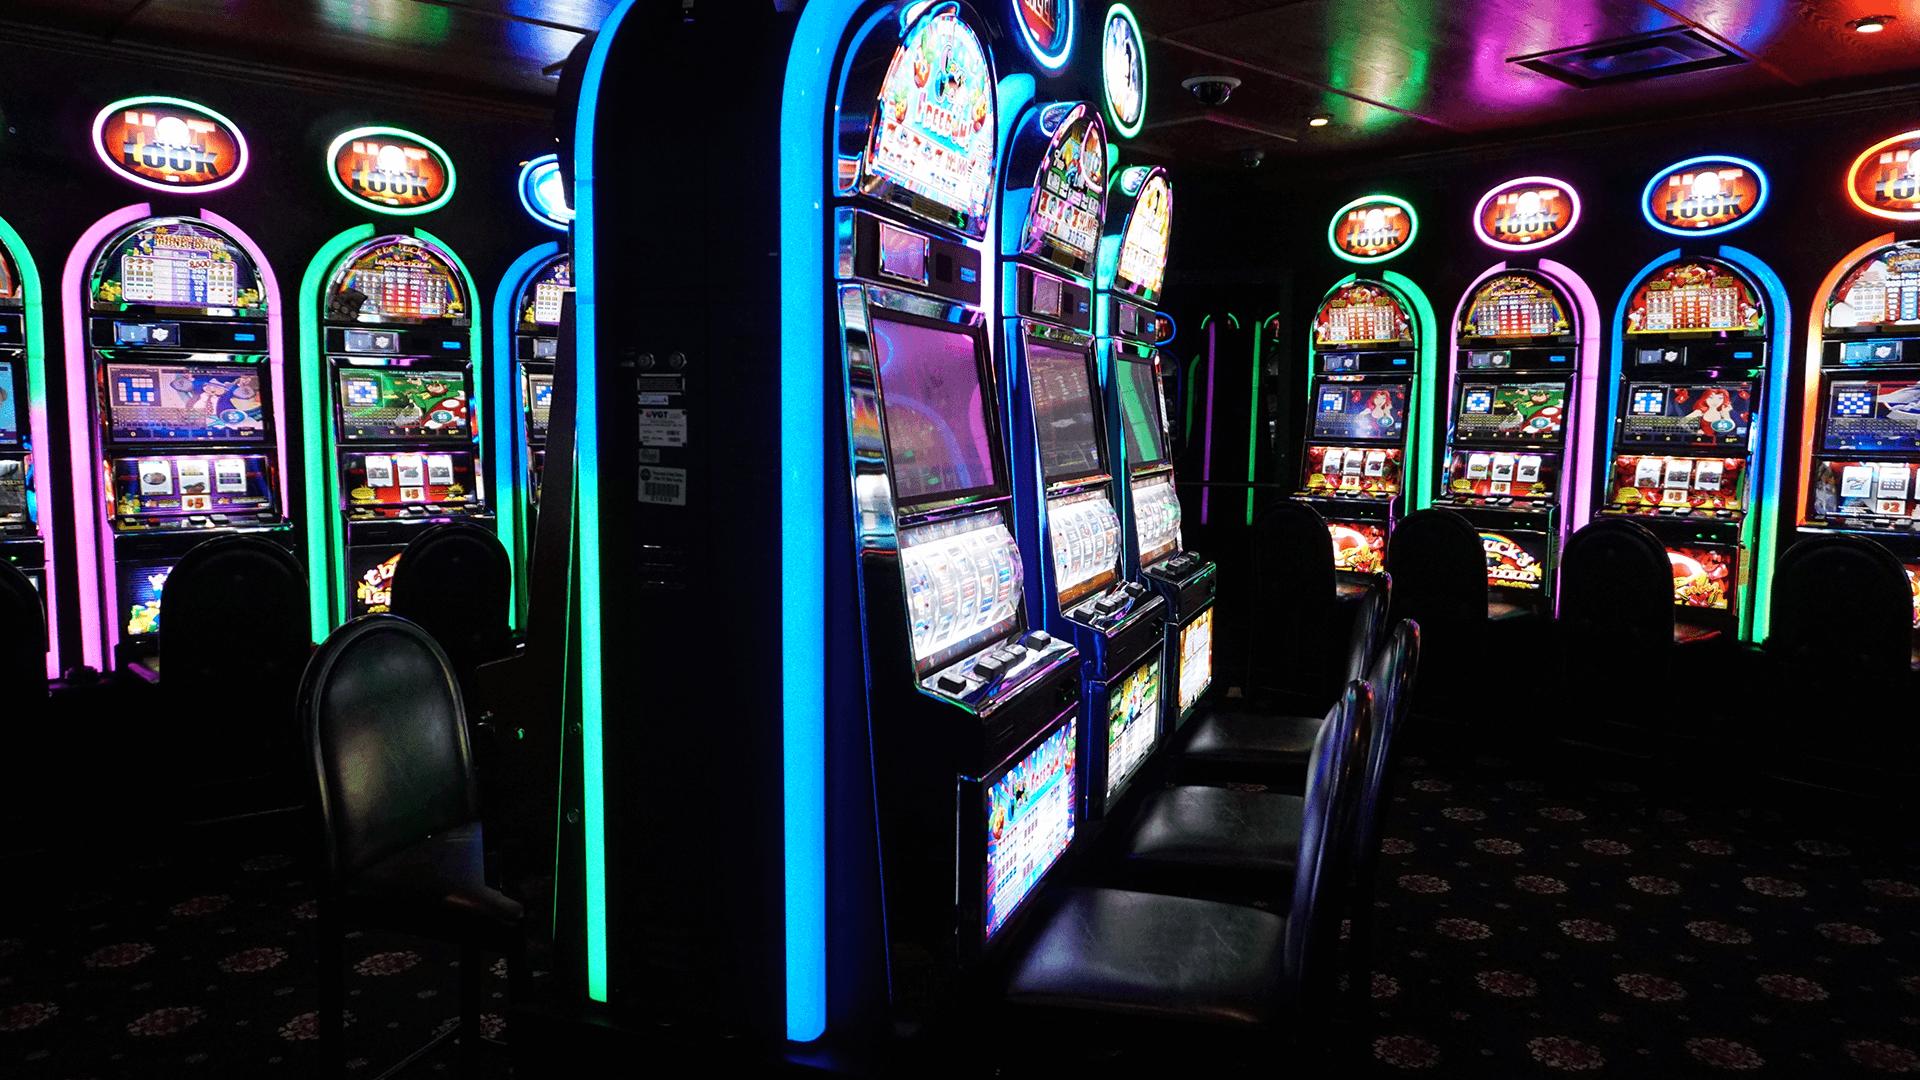 Игровые автоматы играть бесплатно и без регистрации демо режиме спб бесплатно 5000 мини лего игровой автомат